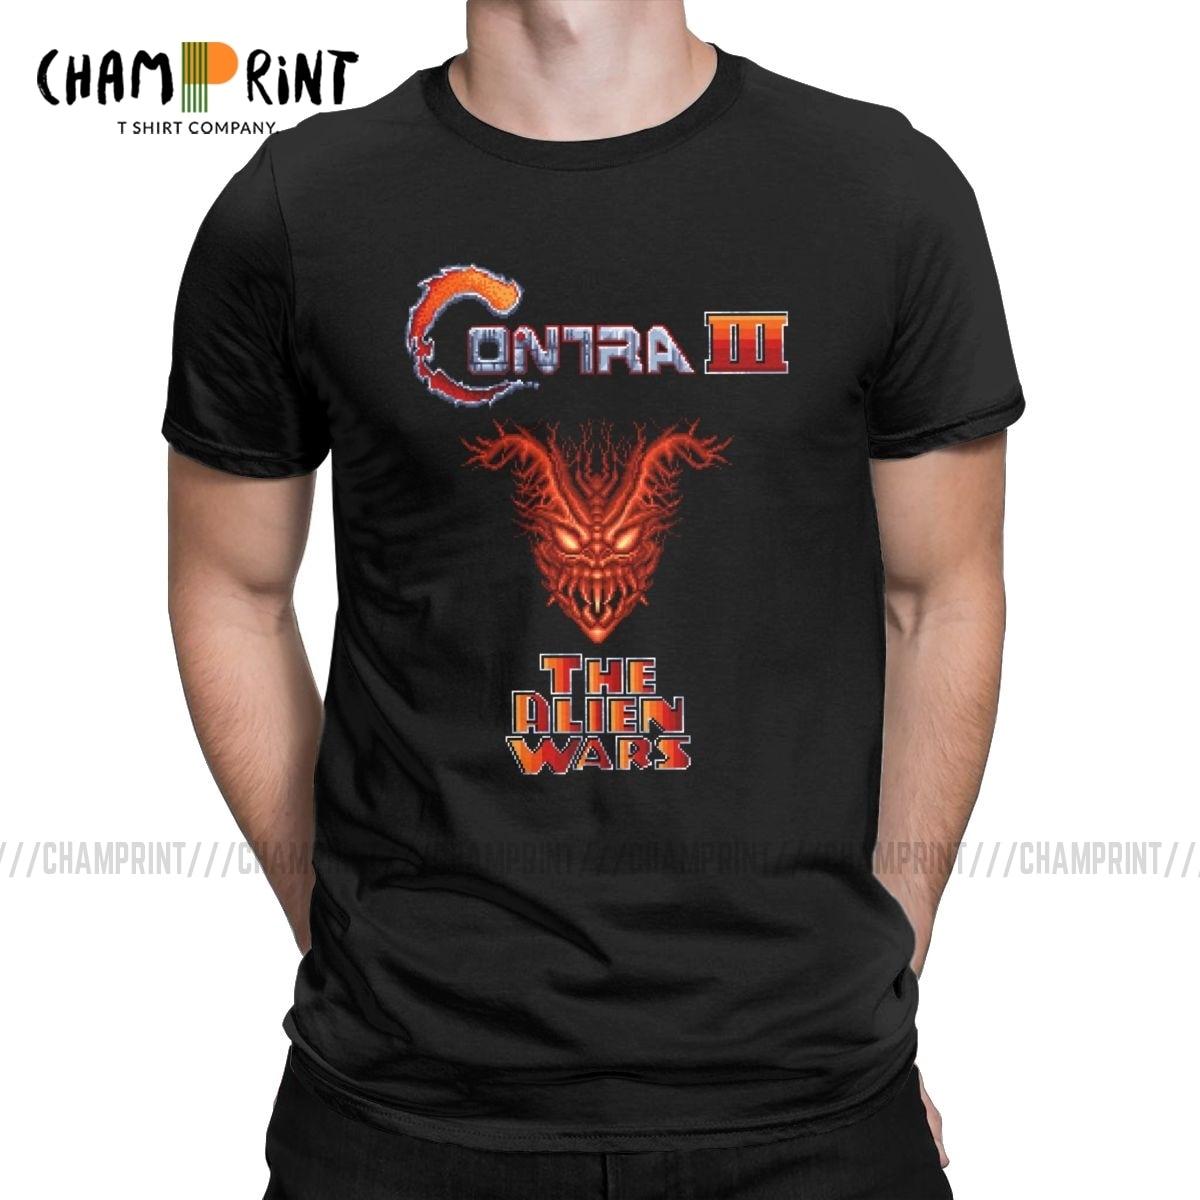 Contra III The Alien Wars t-shirt hommes Vintage T-Shirts NES rétro jeu vidéo t-shirt manches courtes vêtements cadeau danniversaire